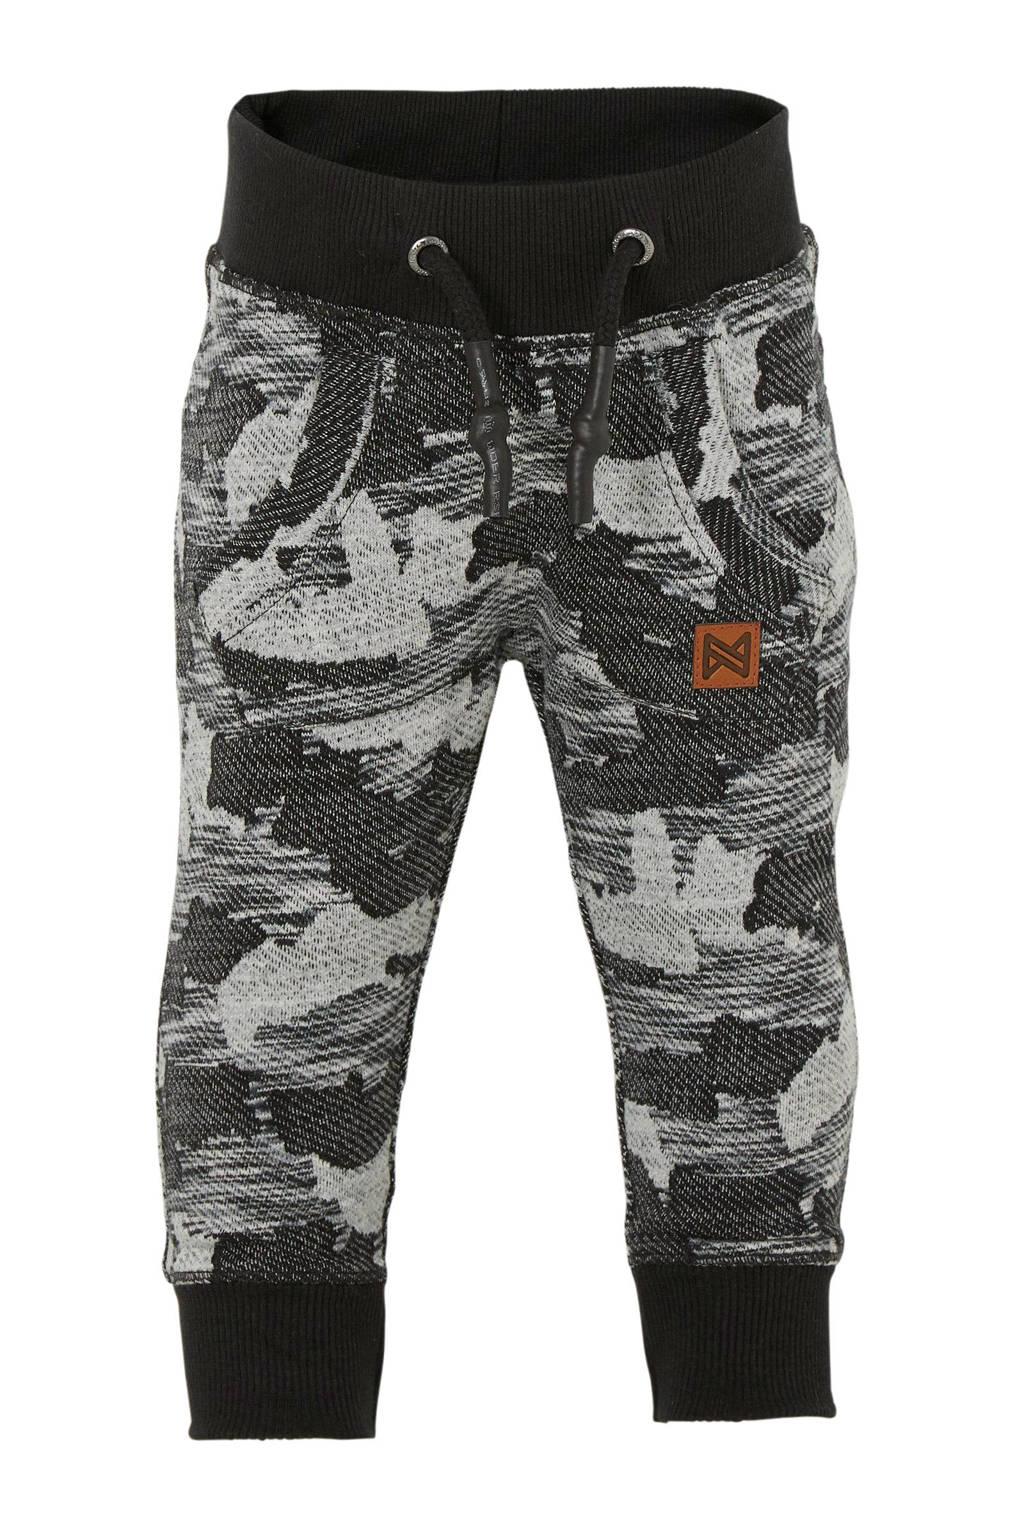 Koko Noko   regular fit joggingbroek met camouflageprint zwart, Zwart